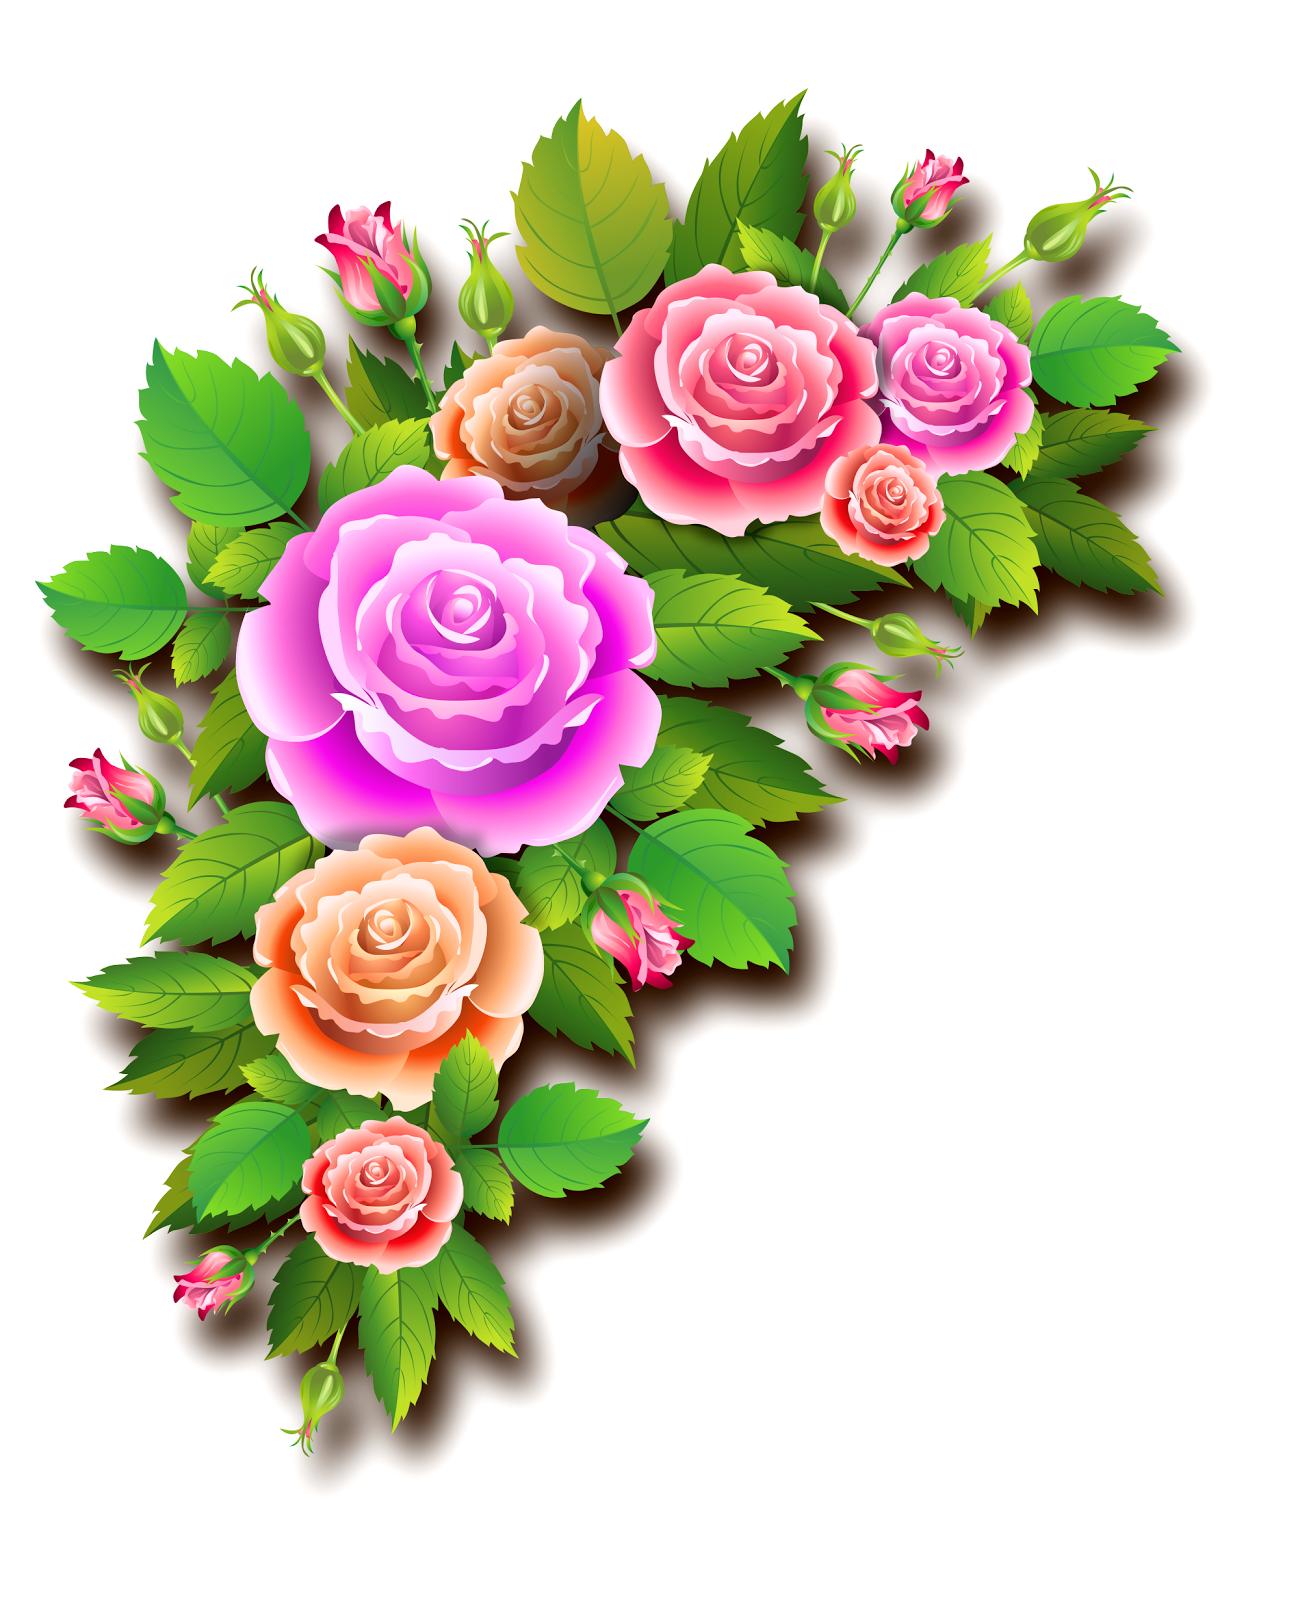 [roses_13072017_a1_aalmeidah4]